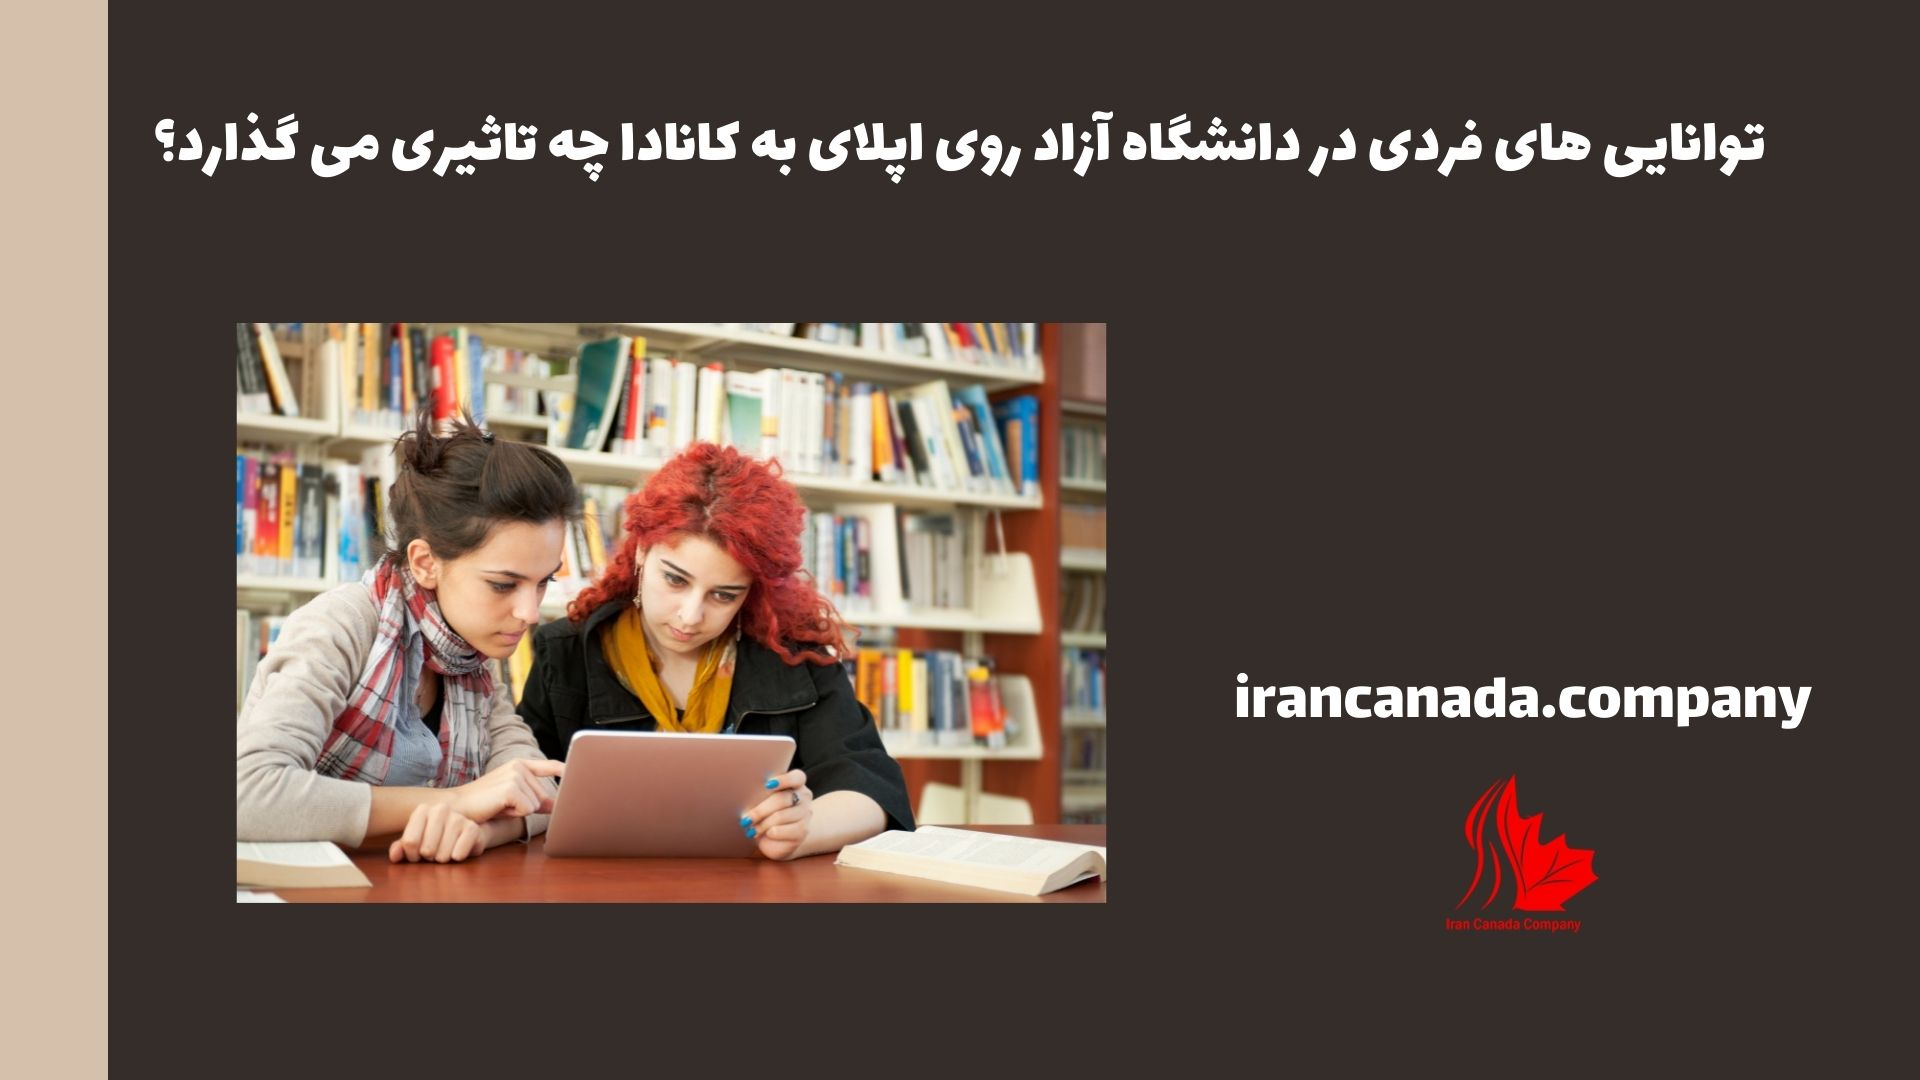 توانایی های فردی در دانشگاه آزاد روی اپلای به کانادا چه تاثیری می گذارد؟